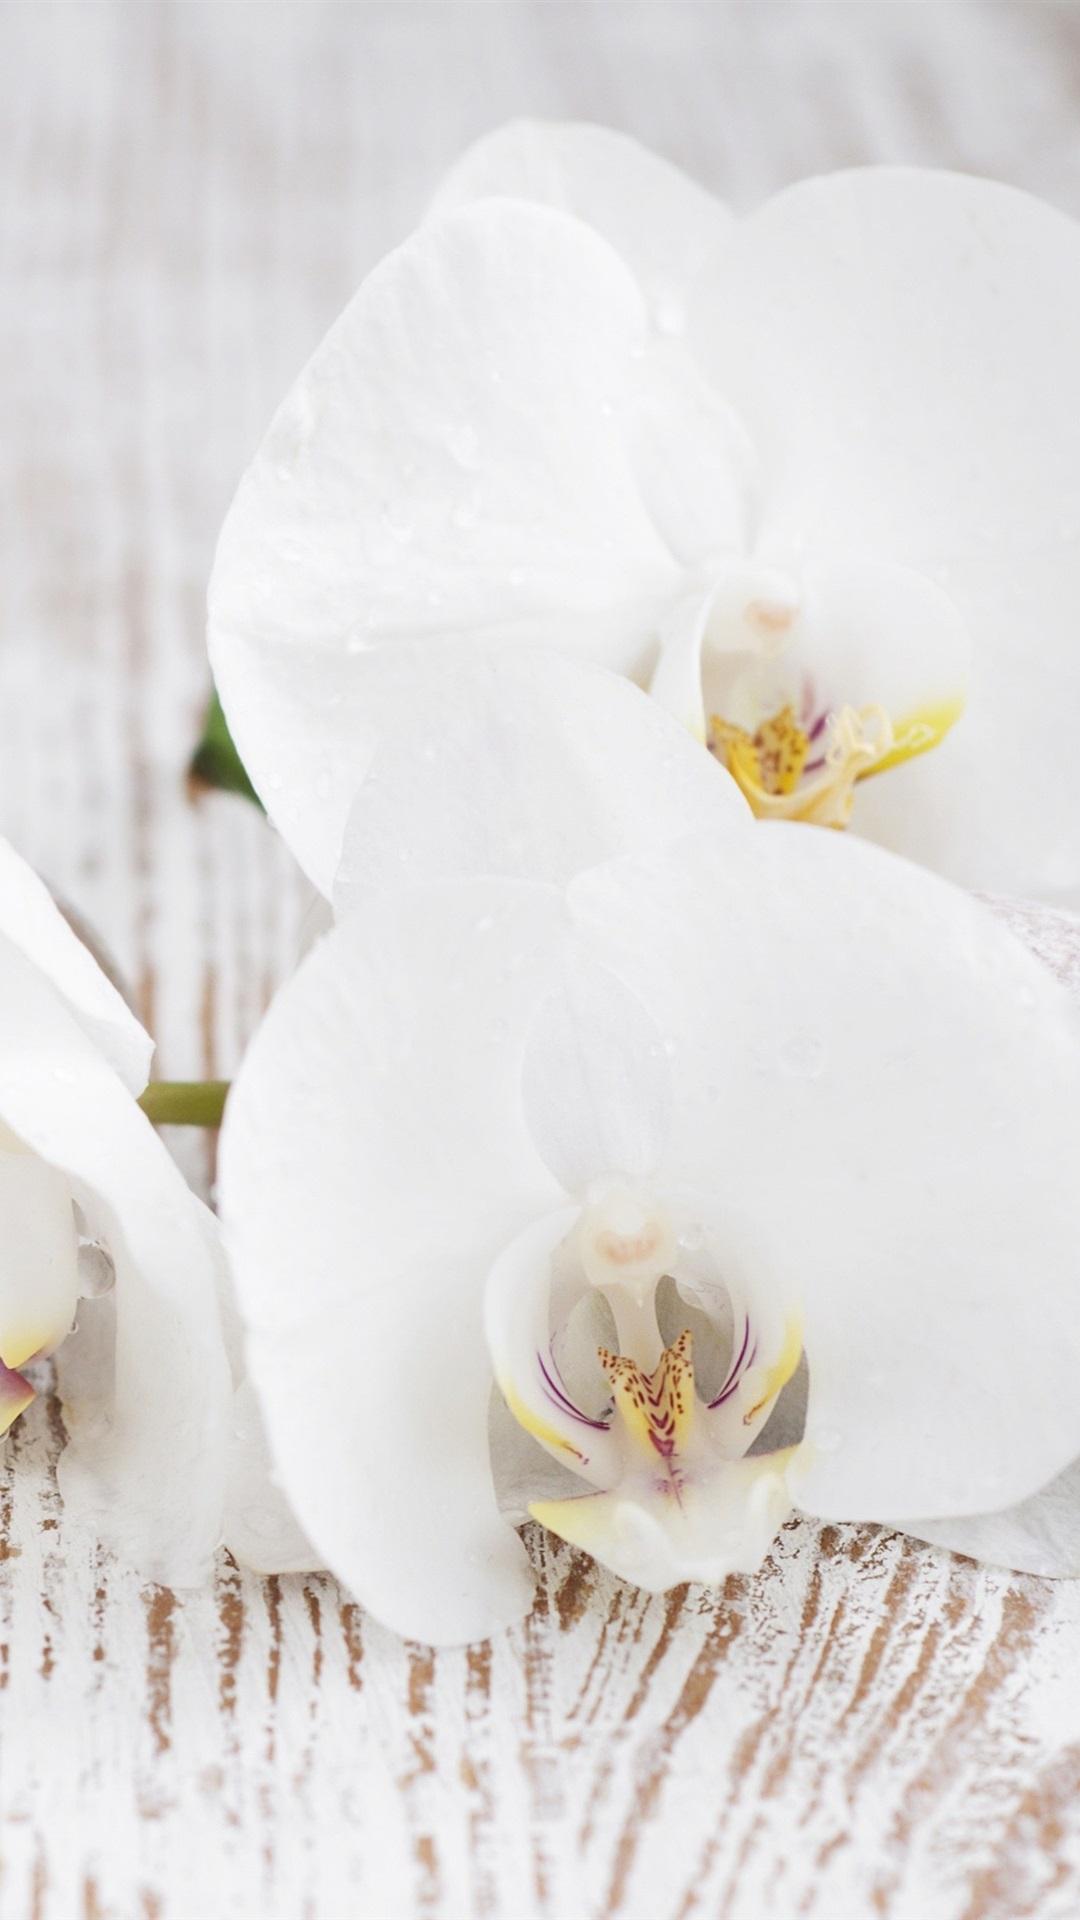 Weisse Orchidee Kiesel Blatter 3840x2160 Uhd 4k